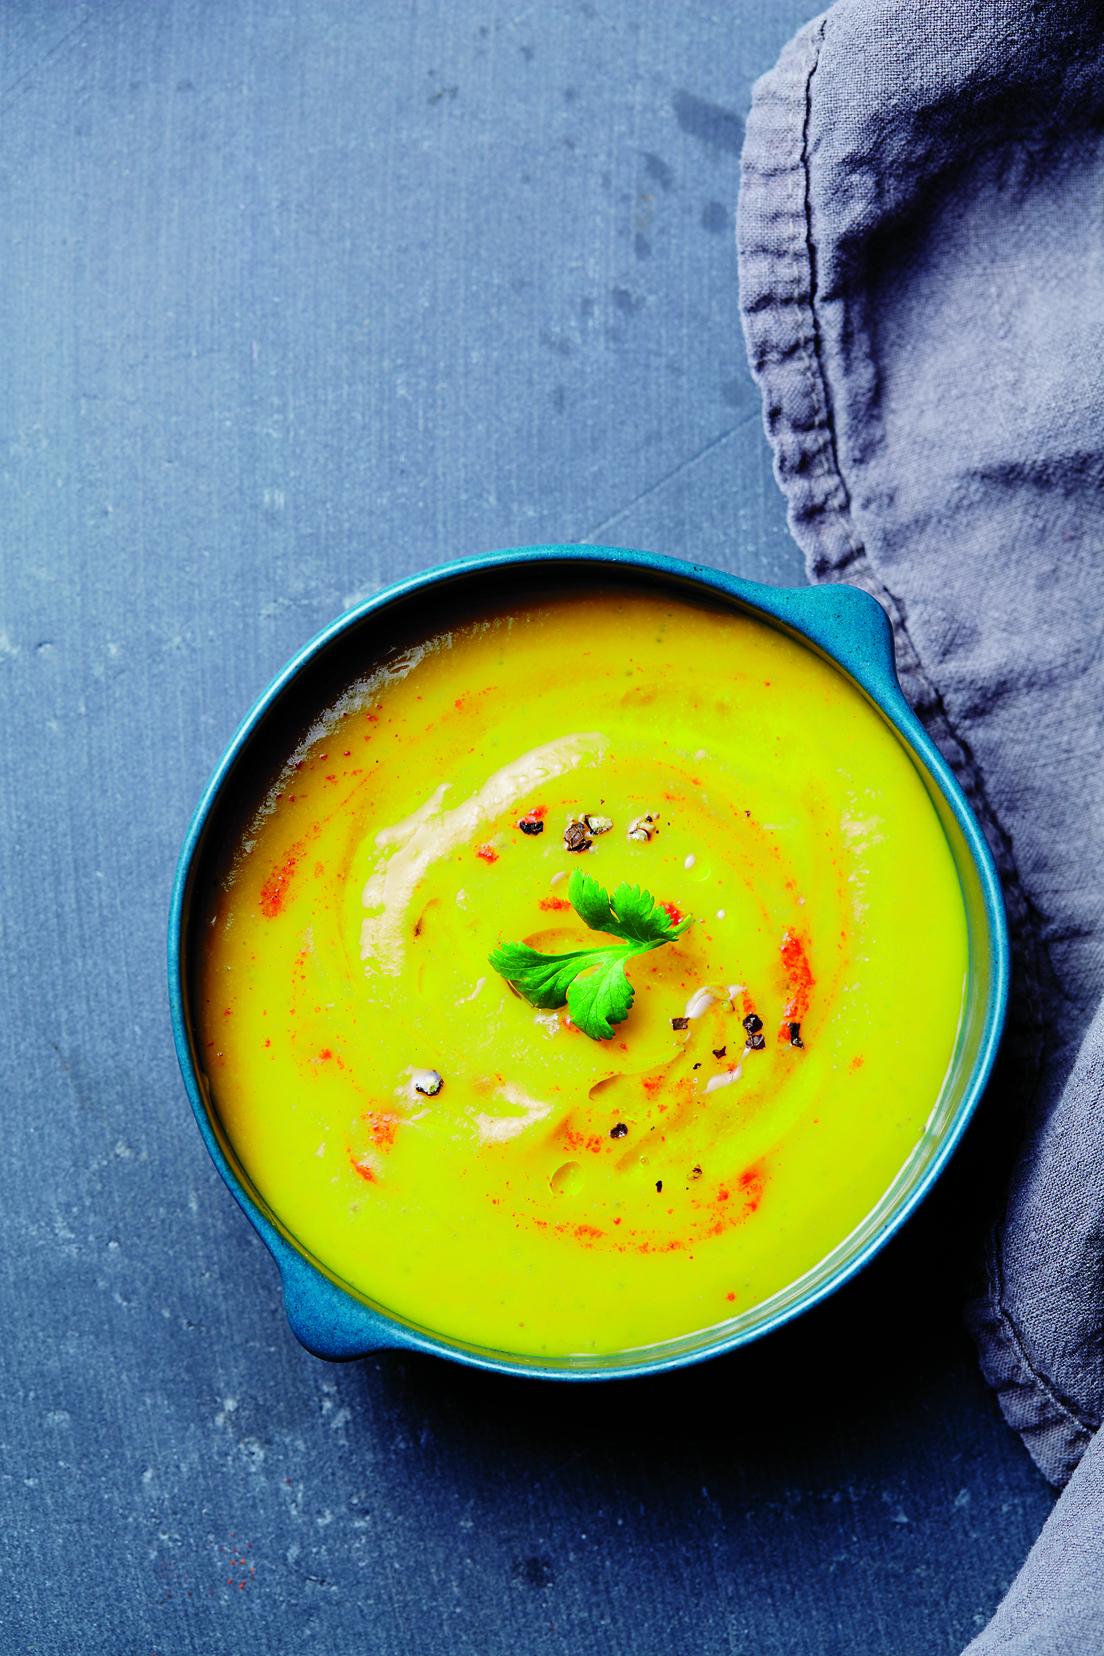 Batátová polévka s kmínem